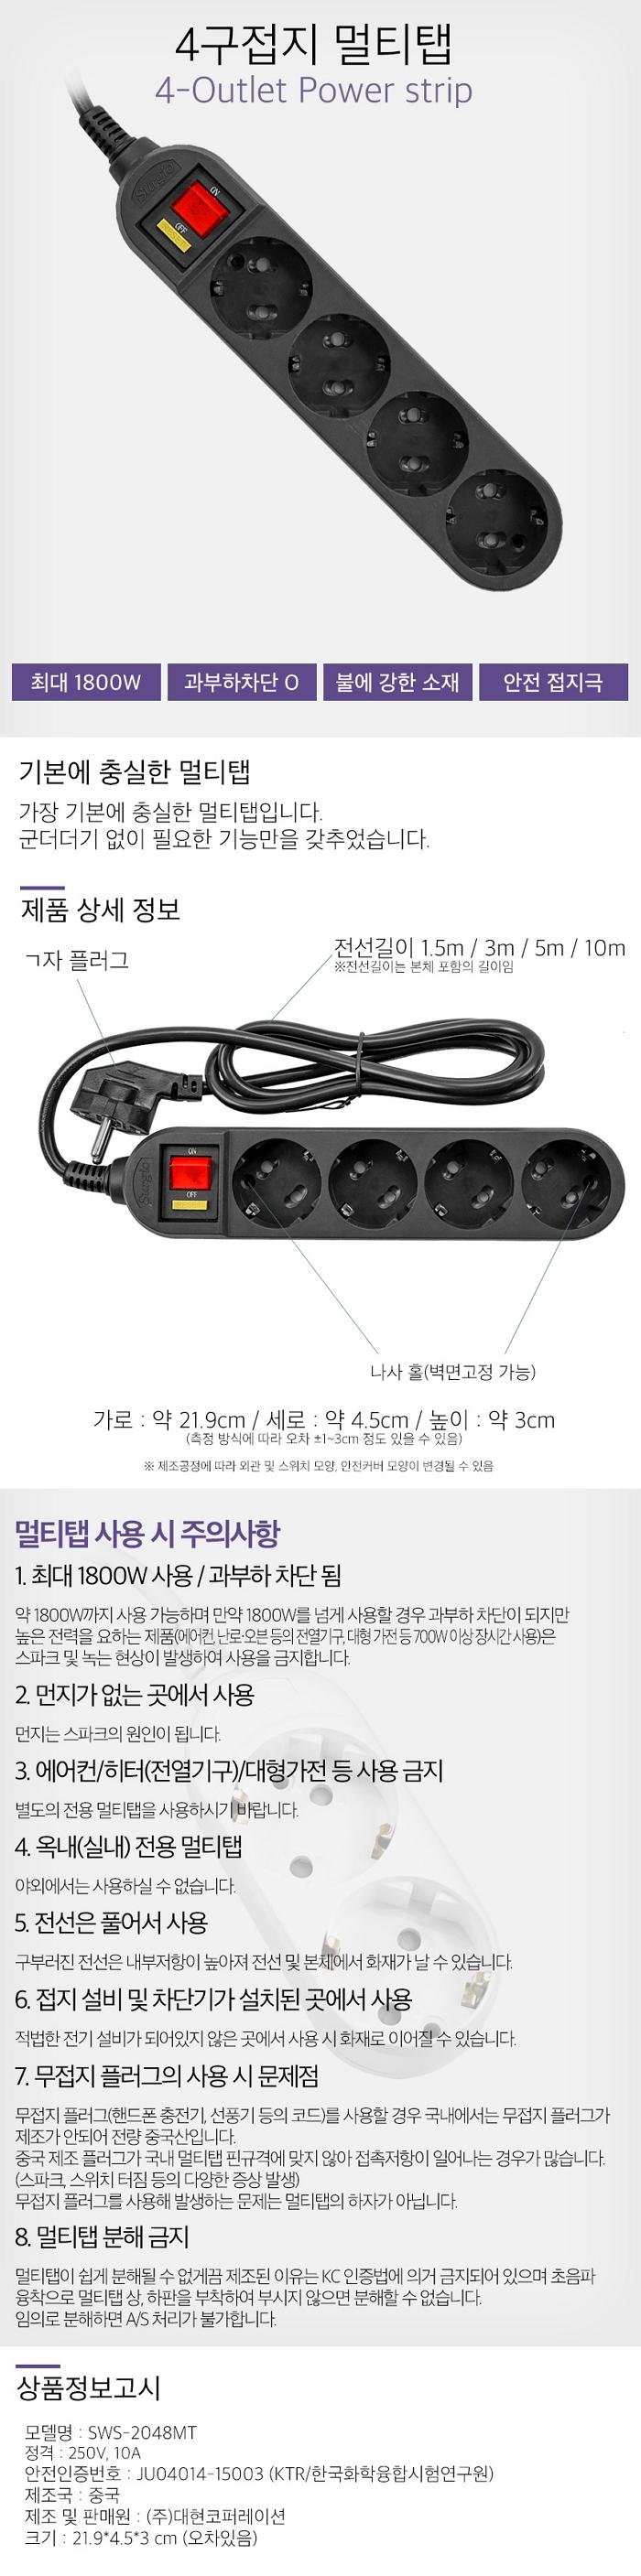 대현코퍼레이션 써지오 5구 10A 메인 스위치 멀티탭 블랙 신형 (3m)